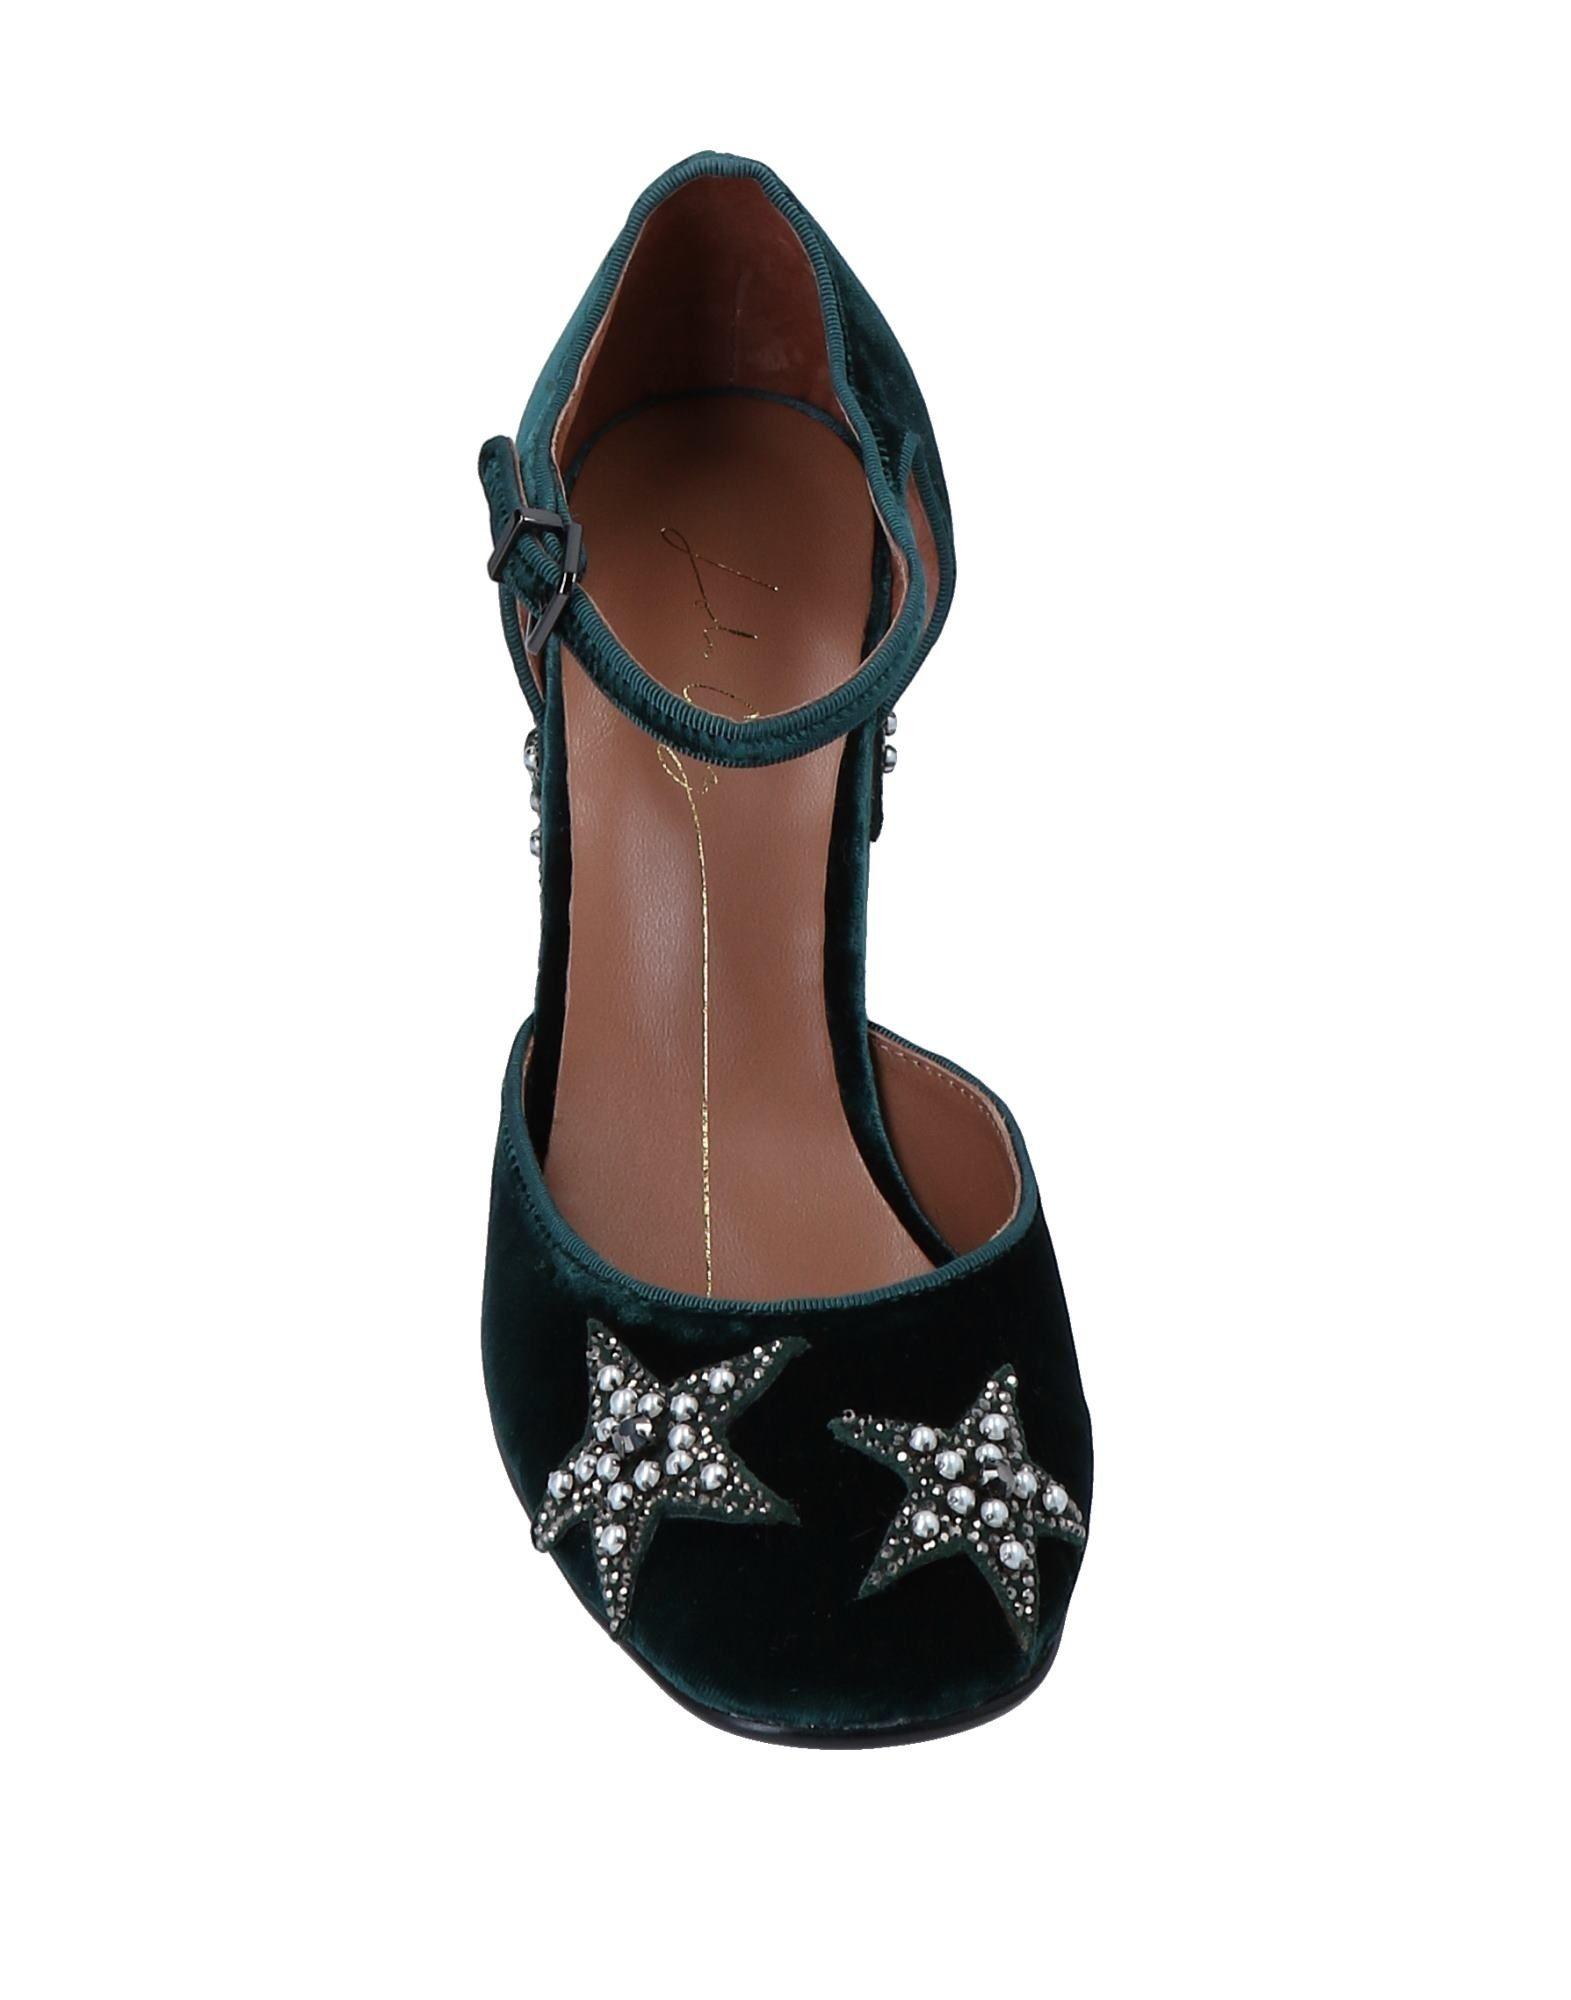 Stilvolle billige Schuhe Damen Lola Cruz Pumps Damen Schuhe  11553382CS bd6c91